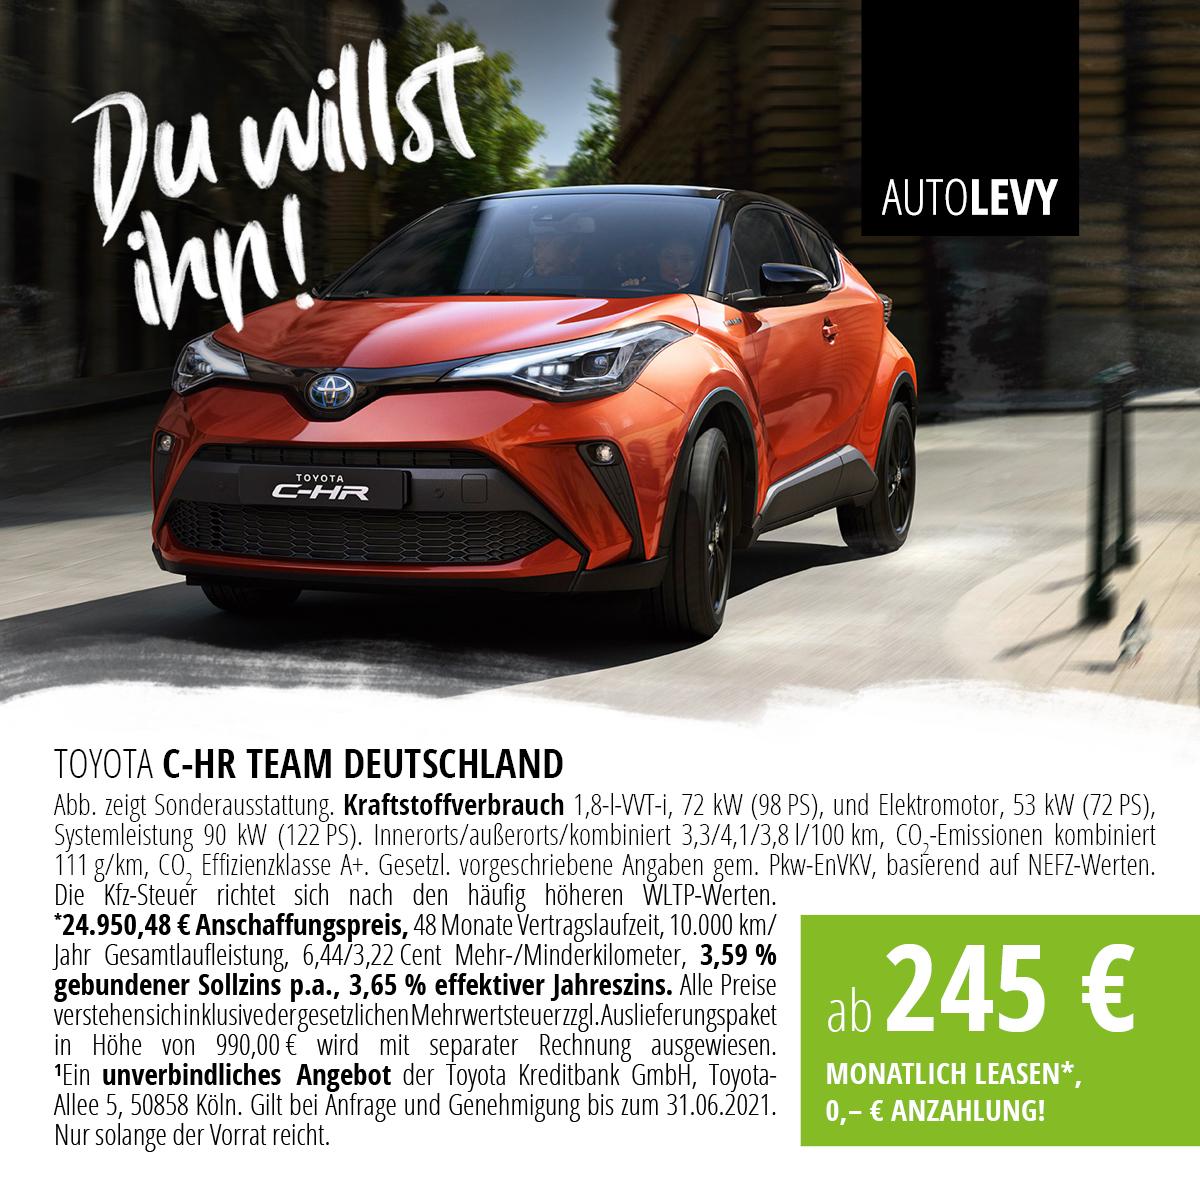 C-HR 1,8-l-Hybrid Team Deutschland